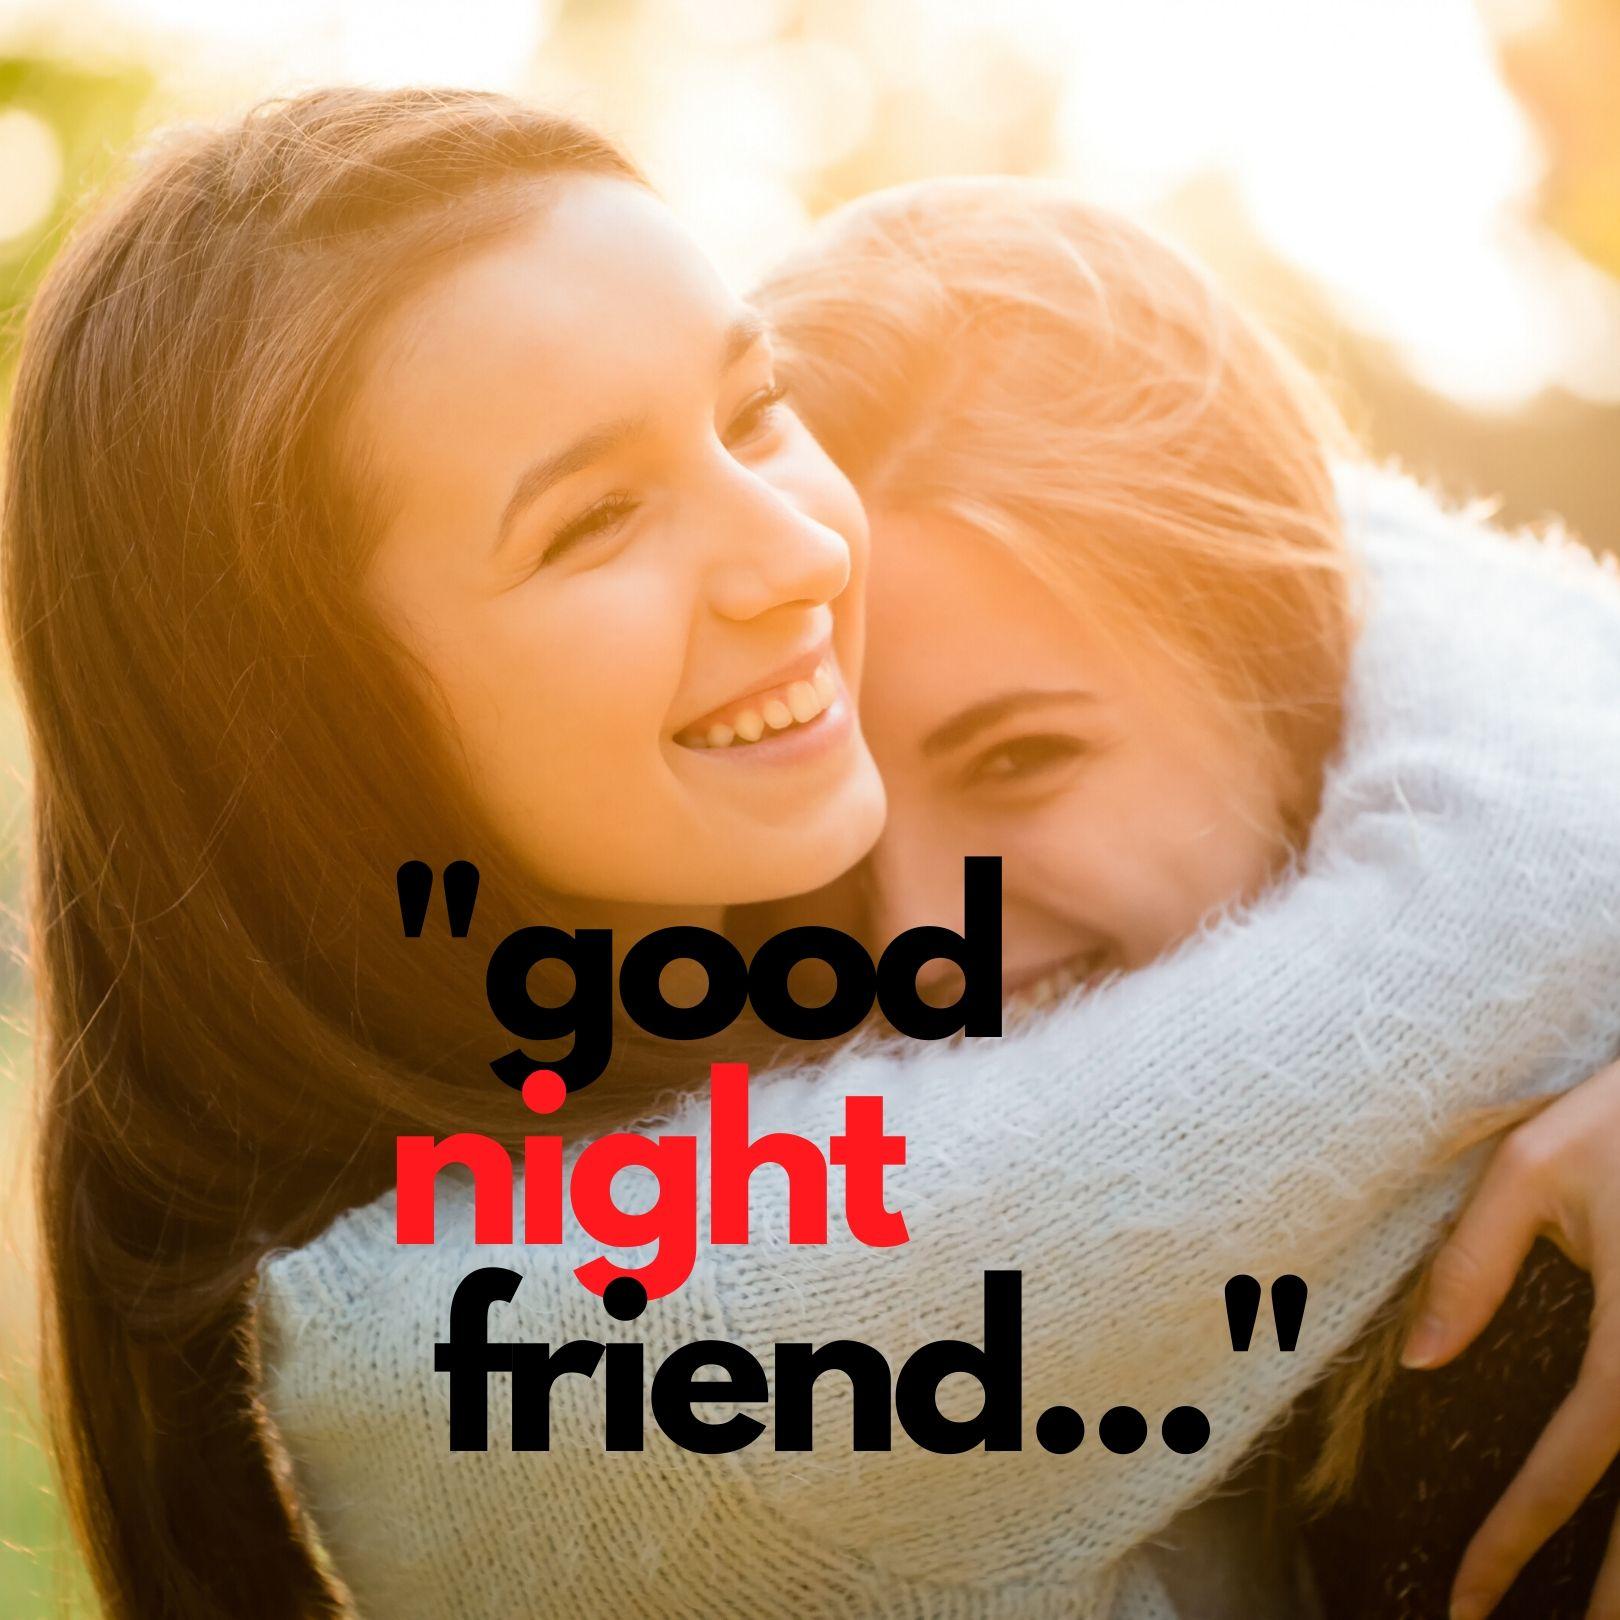 Good Night friend full HD free download.